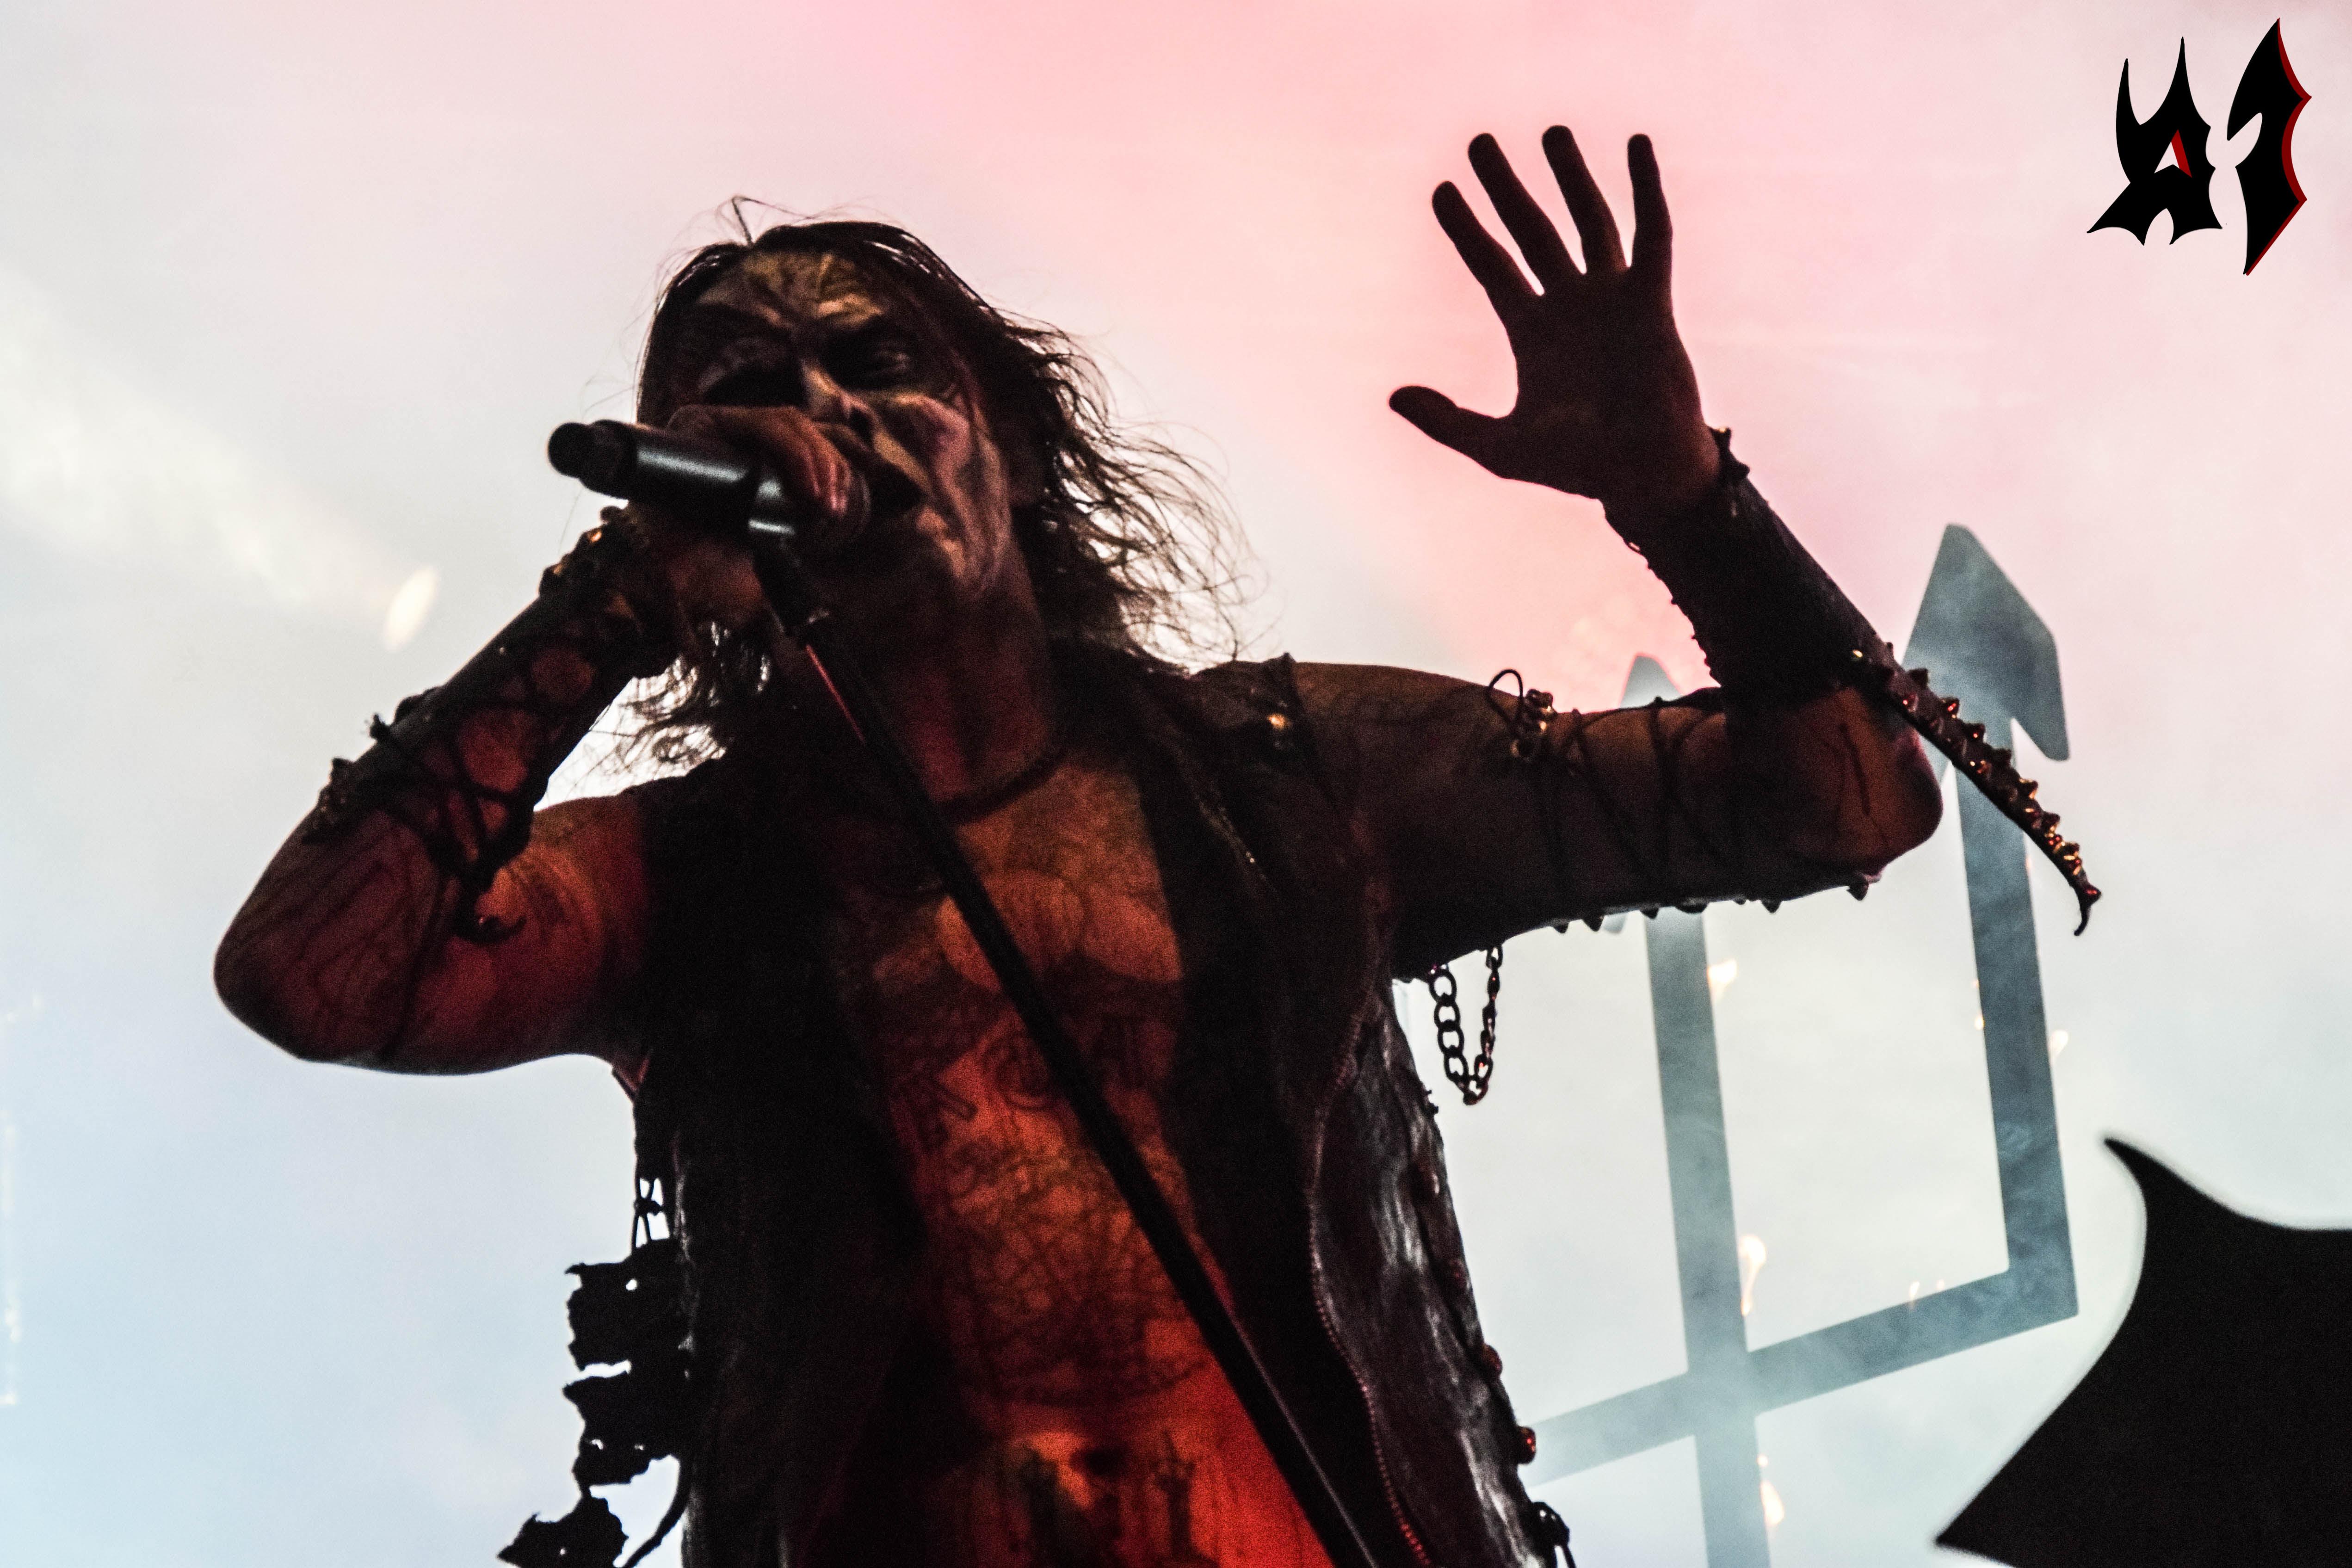 Hellfest - Jour 2 - Watain 5